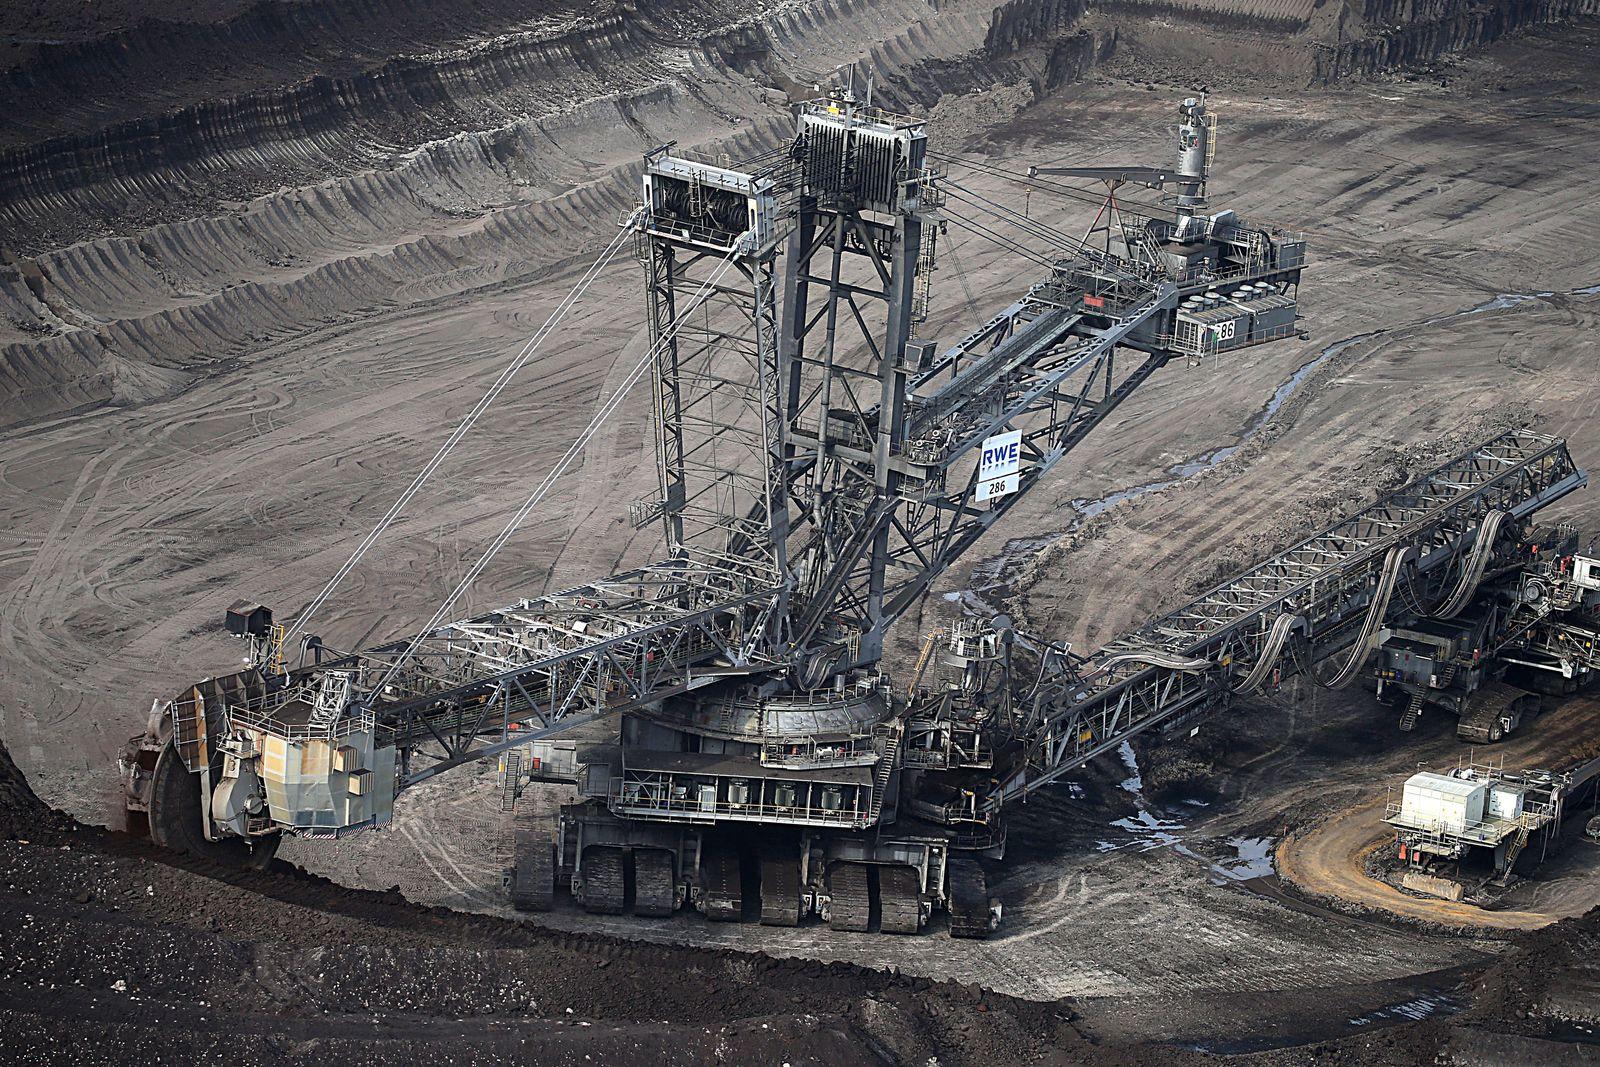 Protest-Aktion für schnellen Kohle-Ausstieg